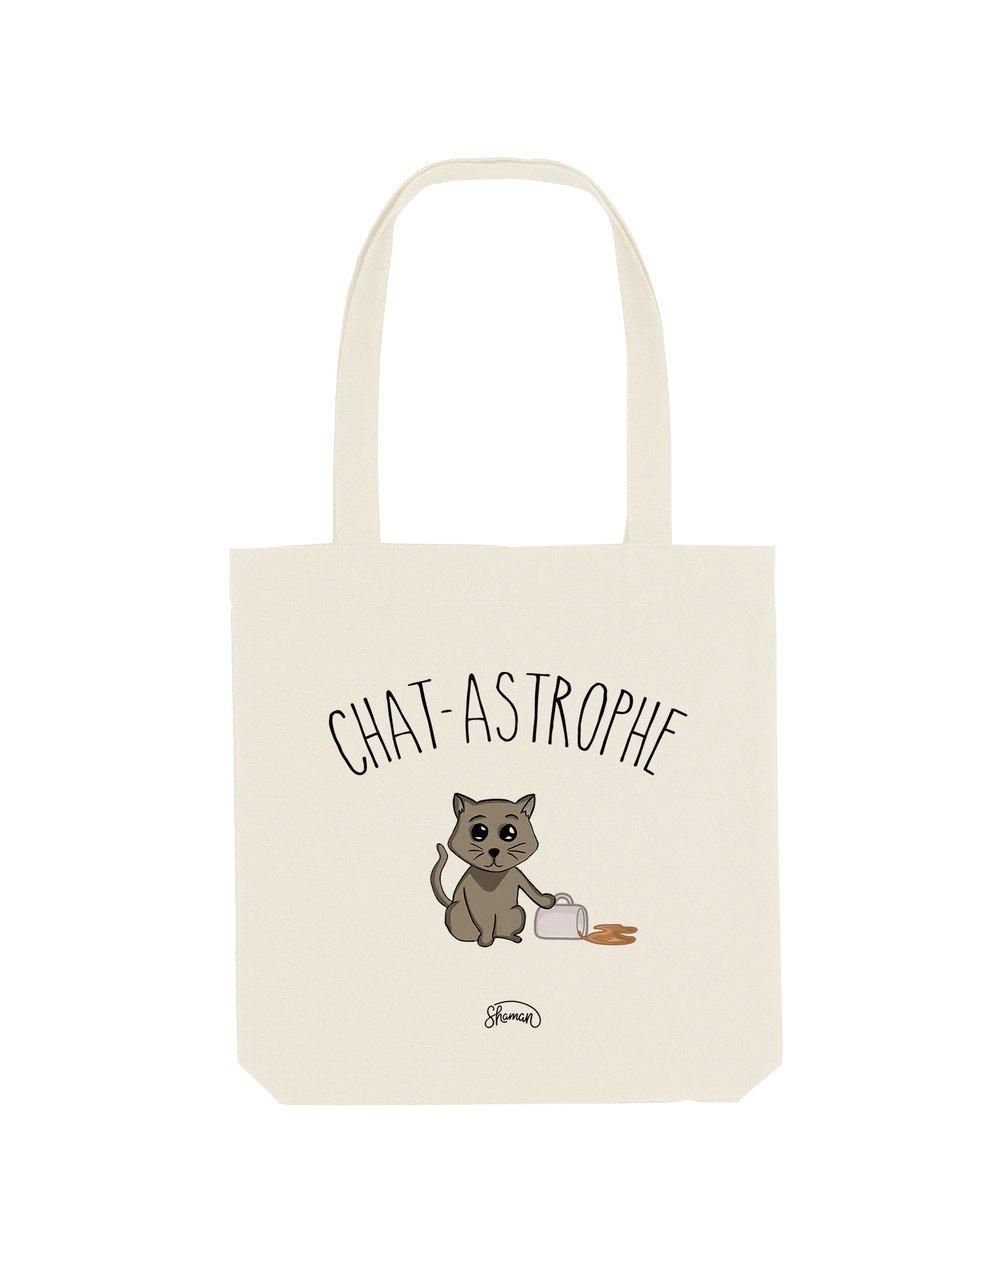 CHAT-ASTROPHE - Tote Bag  Natural  en coton